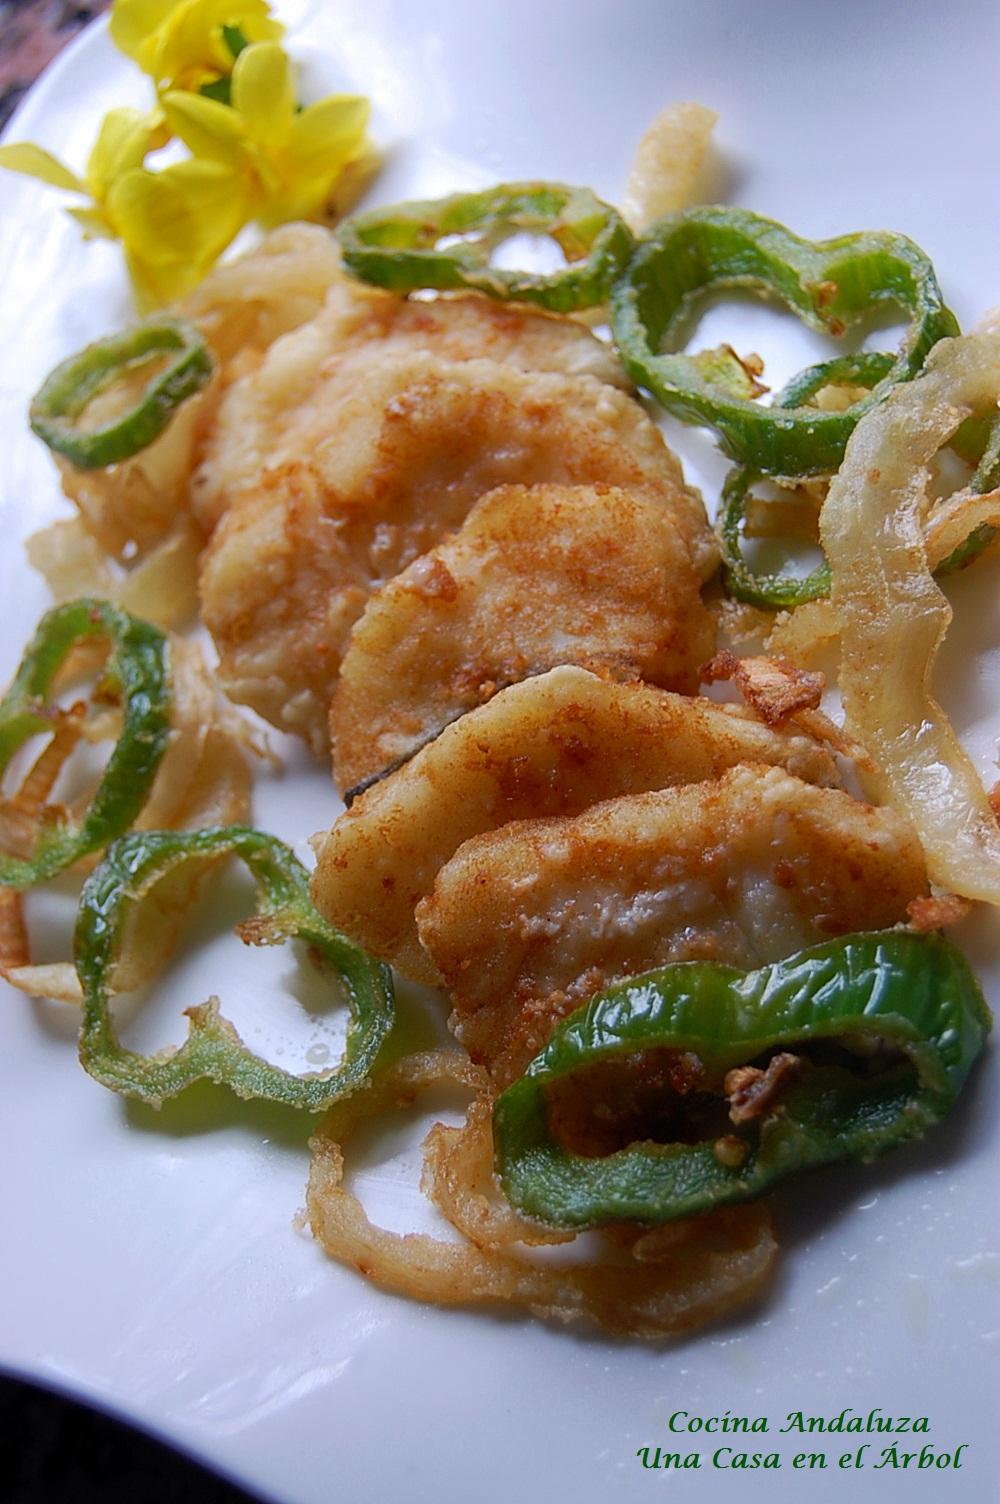 COCINA ANDALUZA: Fritada de Bacalao con Aros de Pimientos y Cebollas